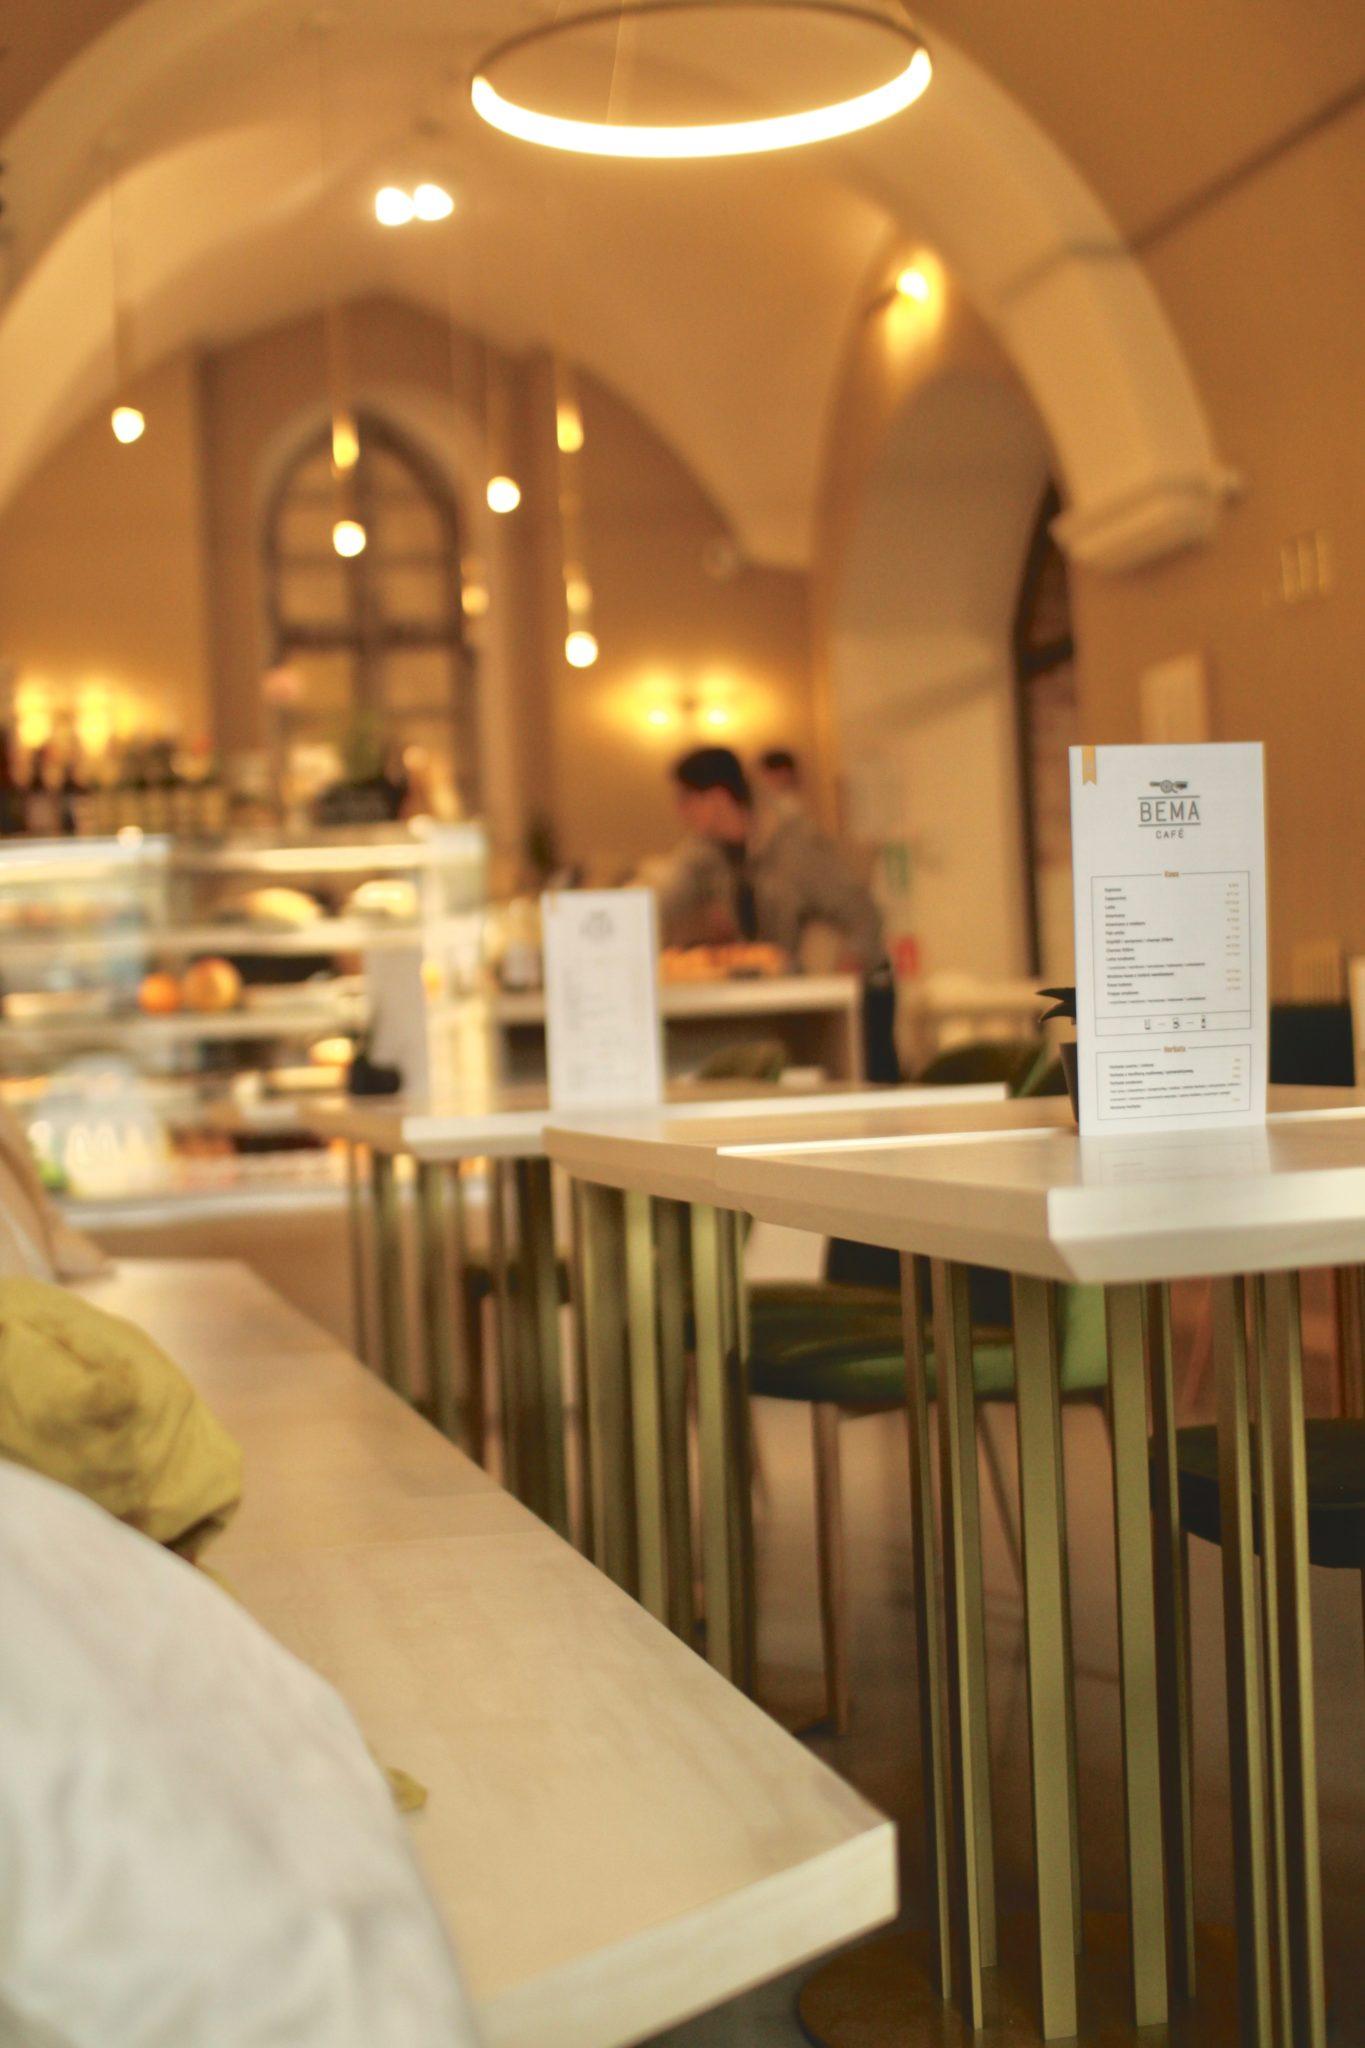 bema cafe, wyposażenie restauracji, wyposażenie kawiarni, kompleksowe wyposażenie gastronomi, meble do restauracji , meble do kawiarni